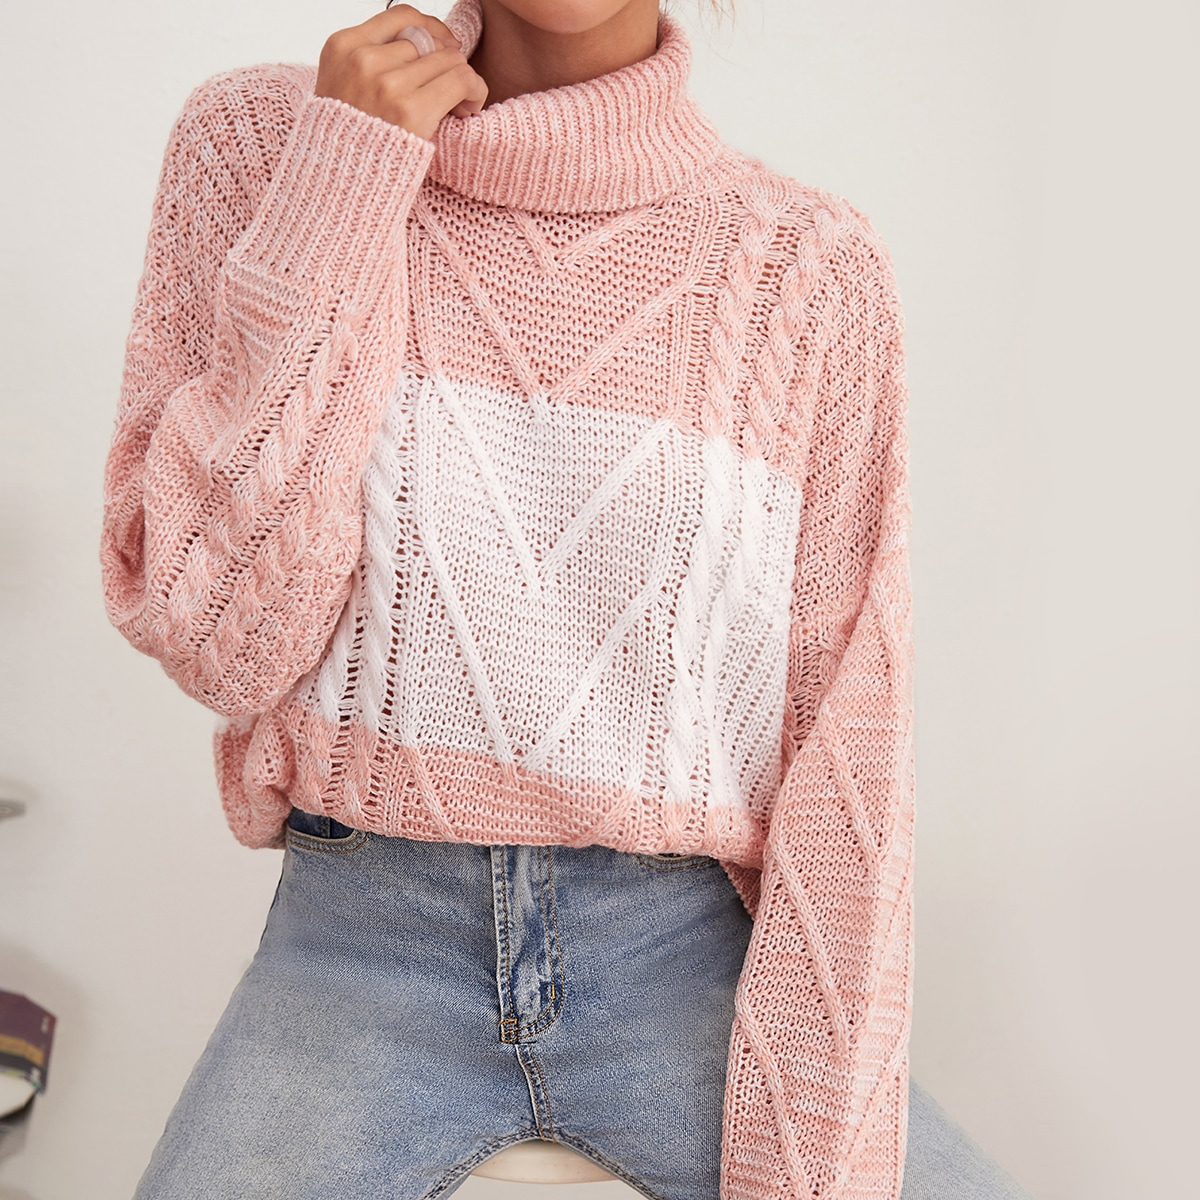 Jersey de cuello cisne de color combinado tejido de cable de hombros caídos